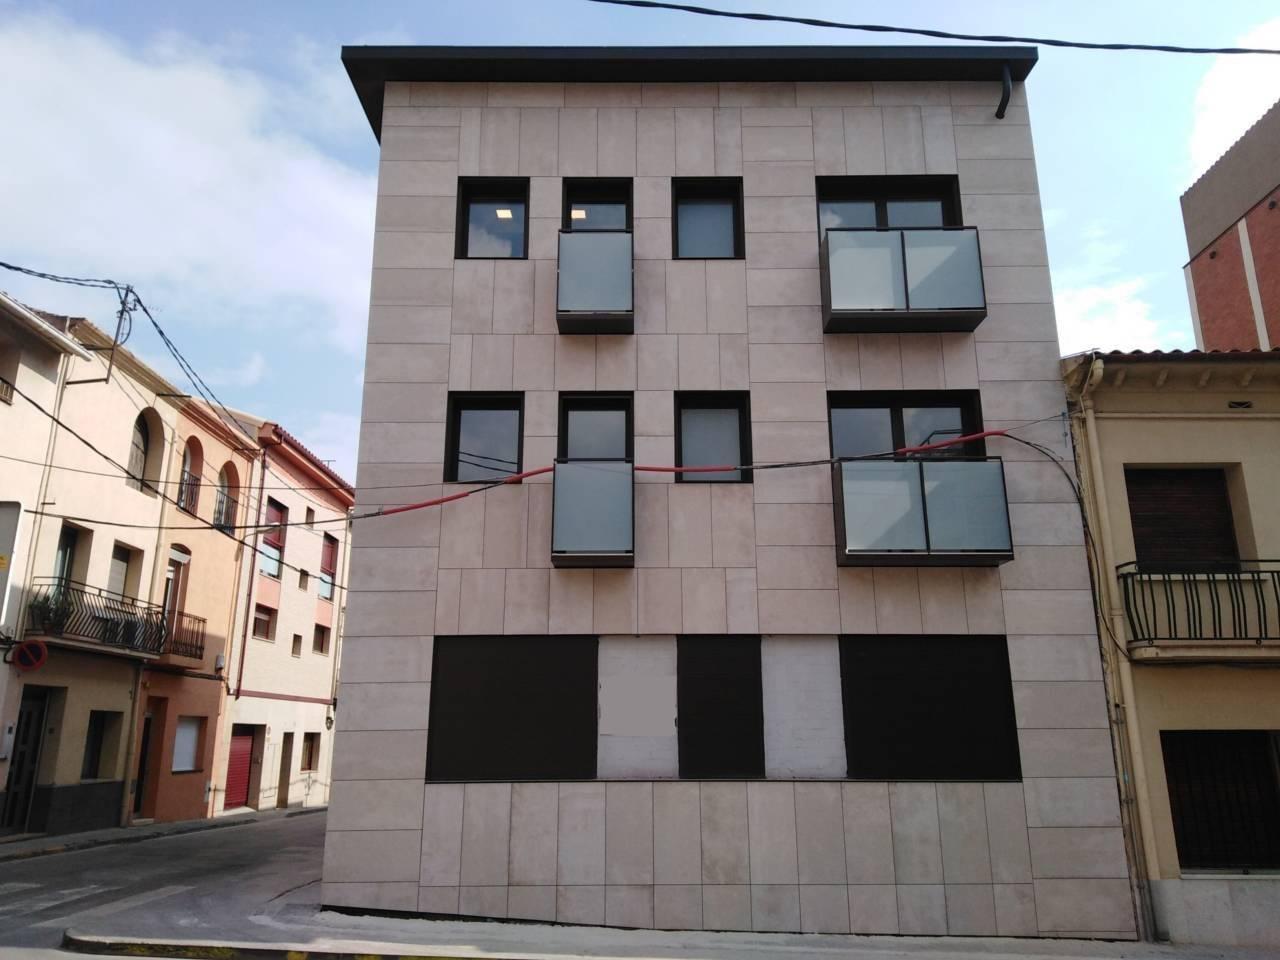 Lloguer Pis  Plaza moreu, 4. Piso obra nueva de 2 habitaciones muy bonito y grandes acabados!